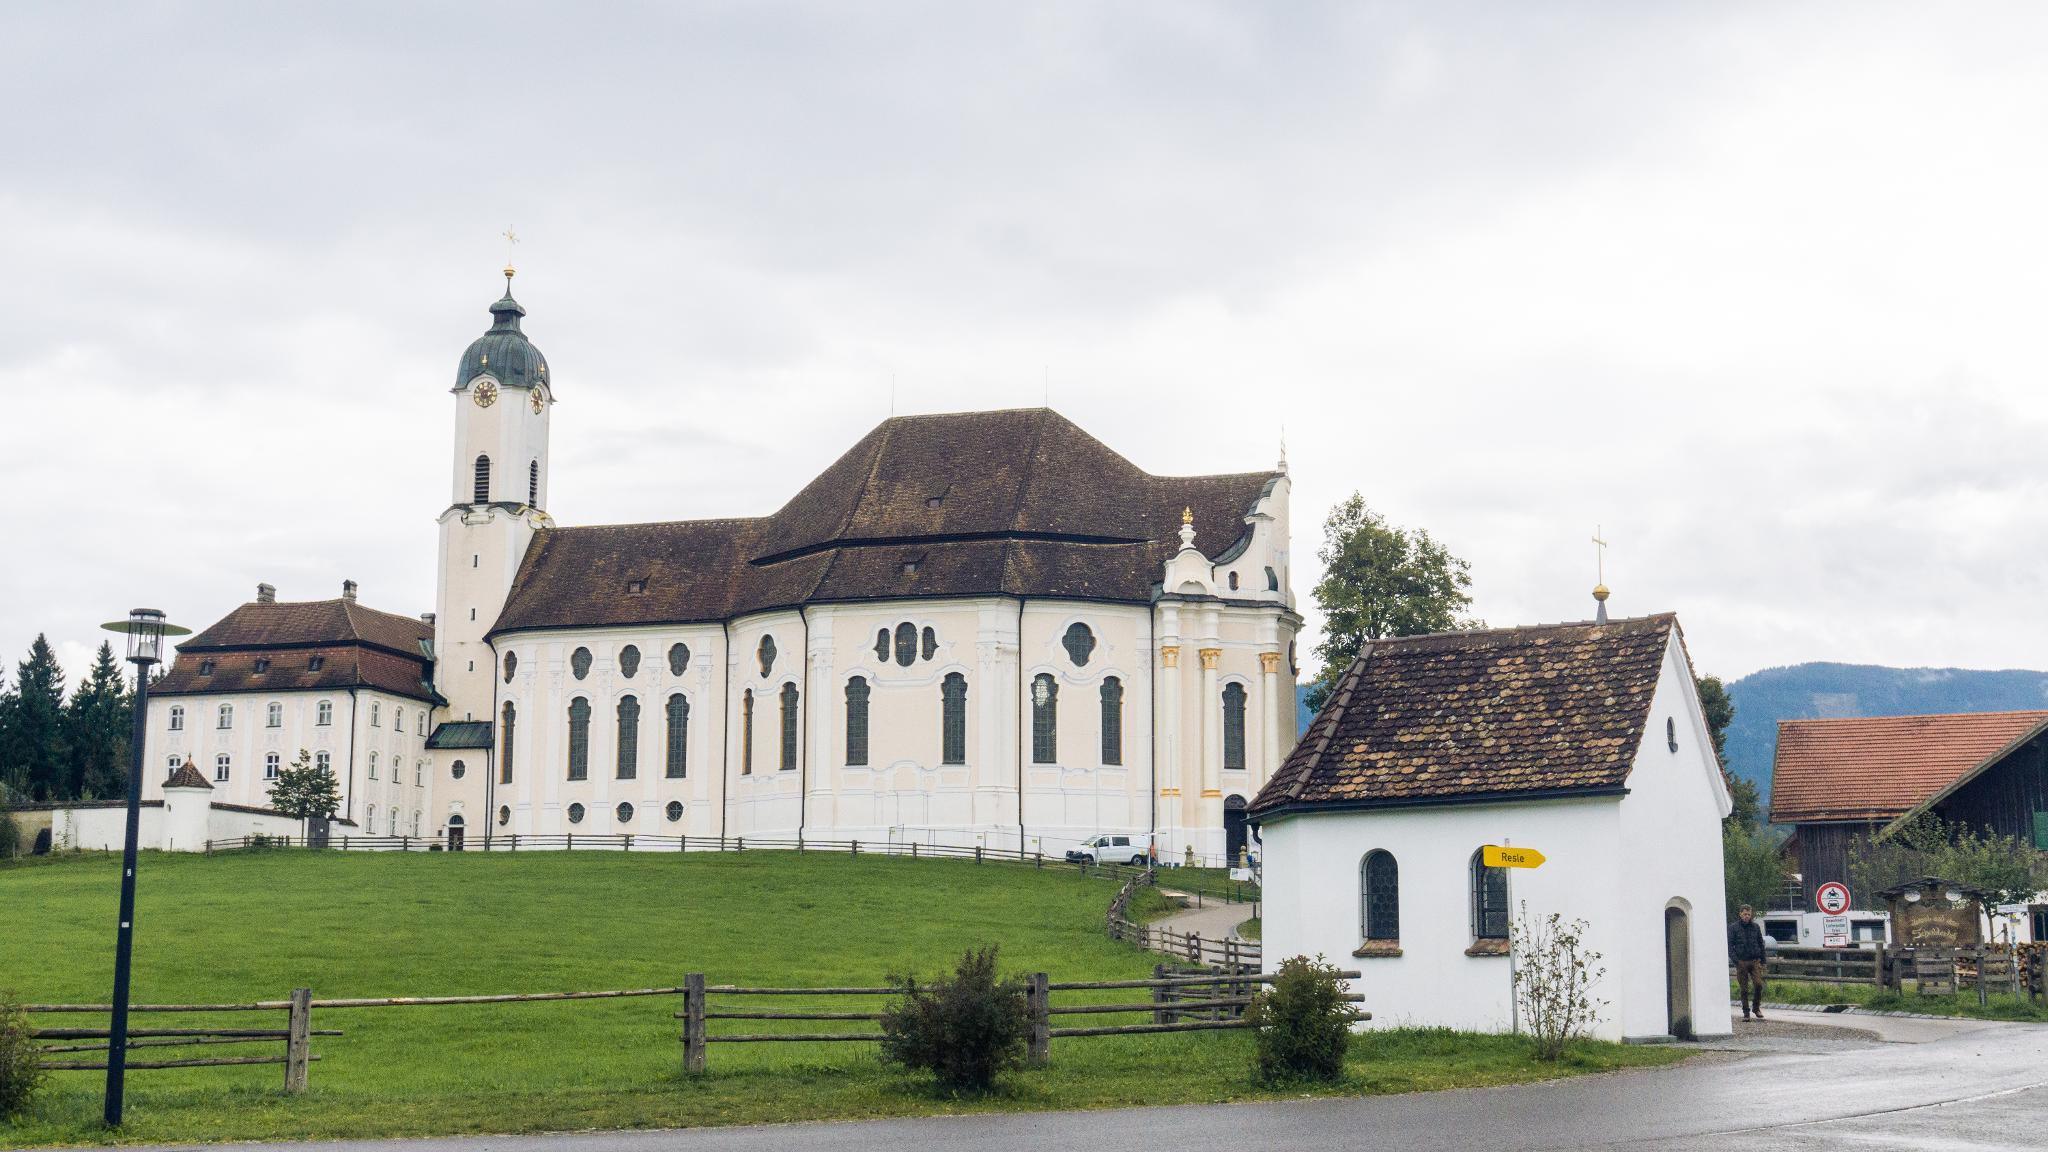 【德國】阿爾卑斯大道:維斯朝聖教堂 (Wieskirche) 23